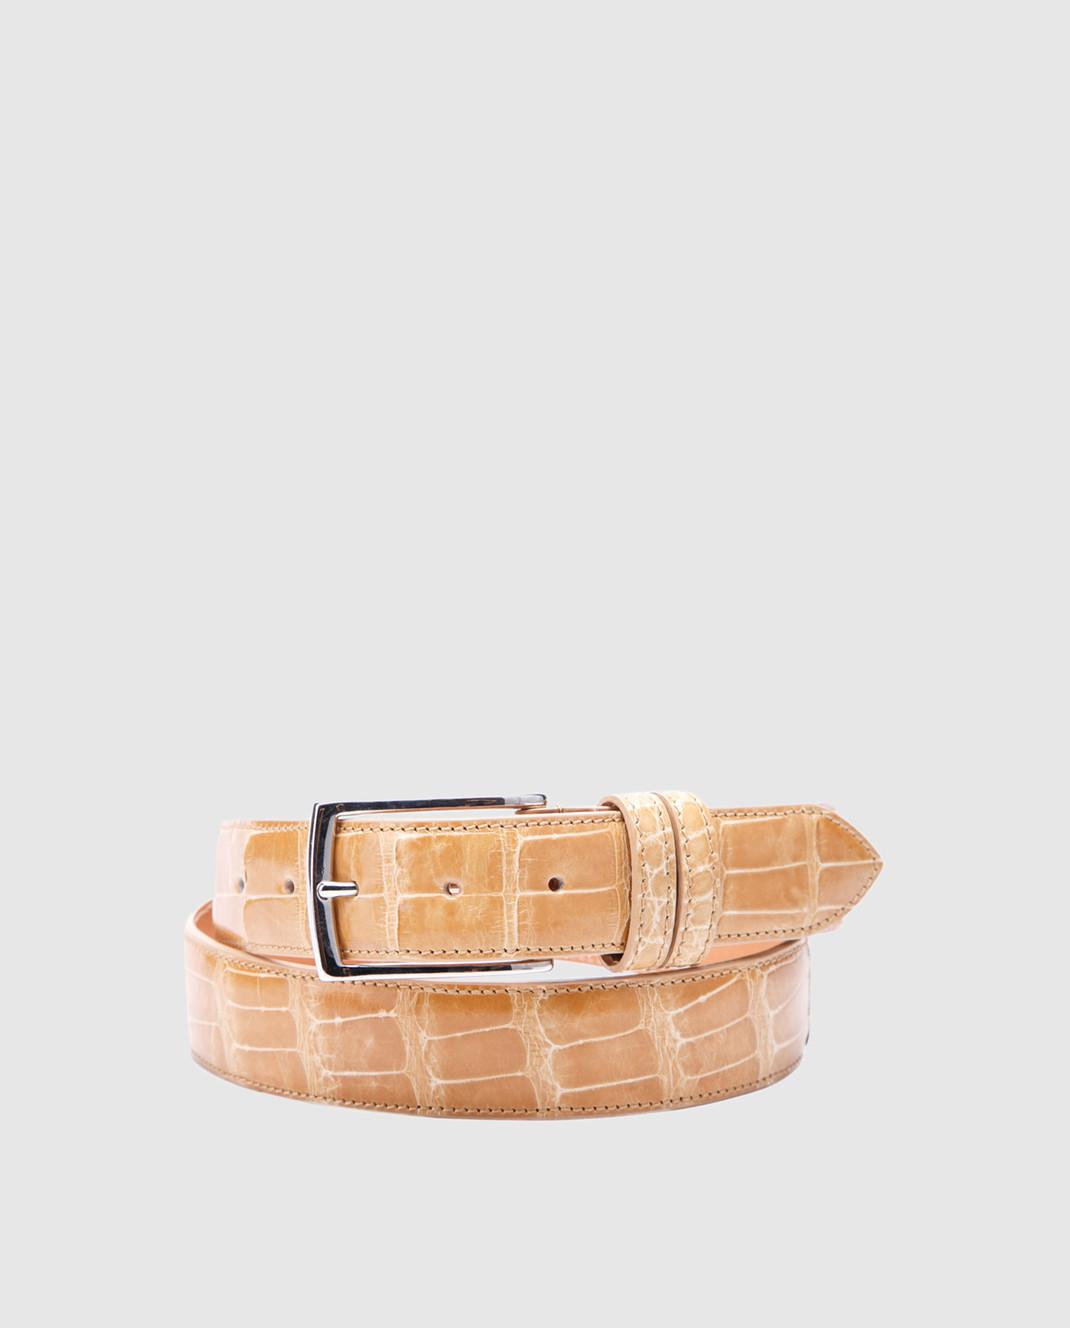 Bochicchio Песочный кожаный ремень ALLIGATBELTS